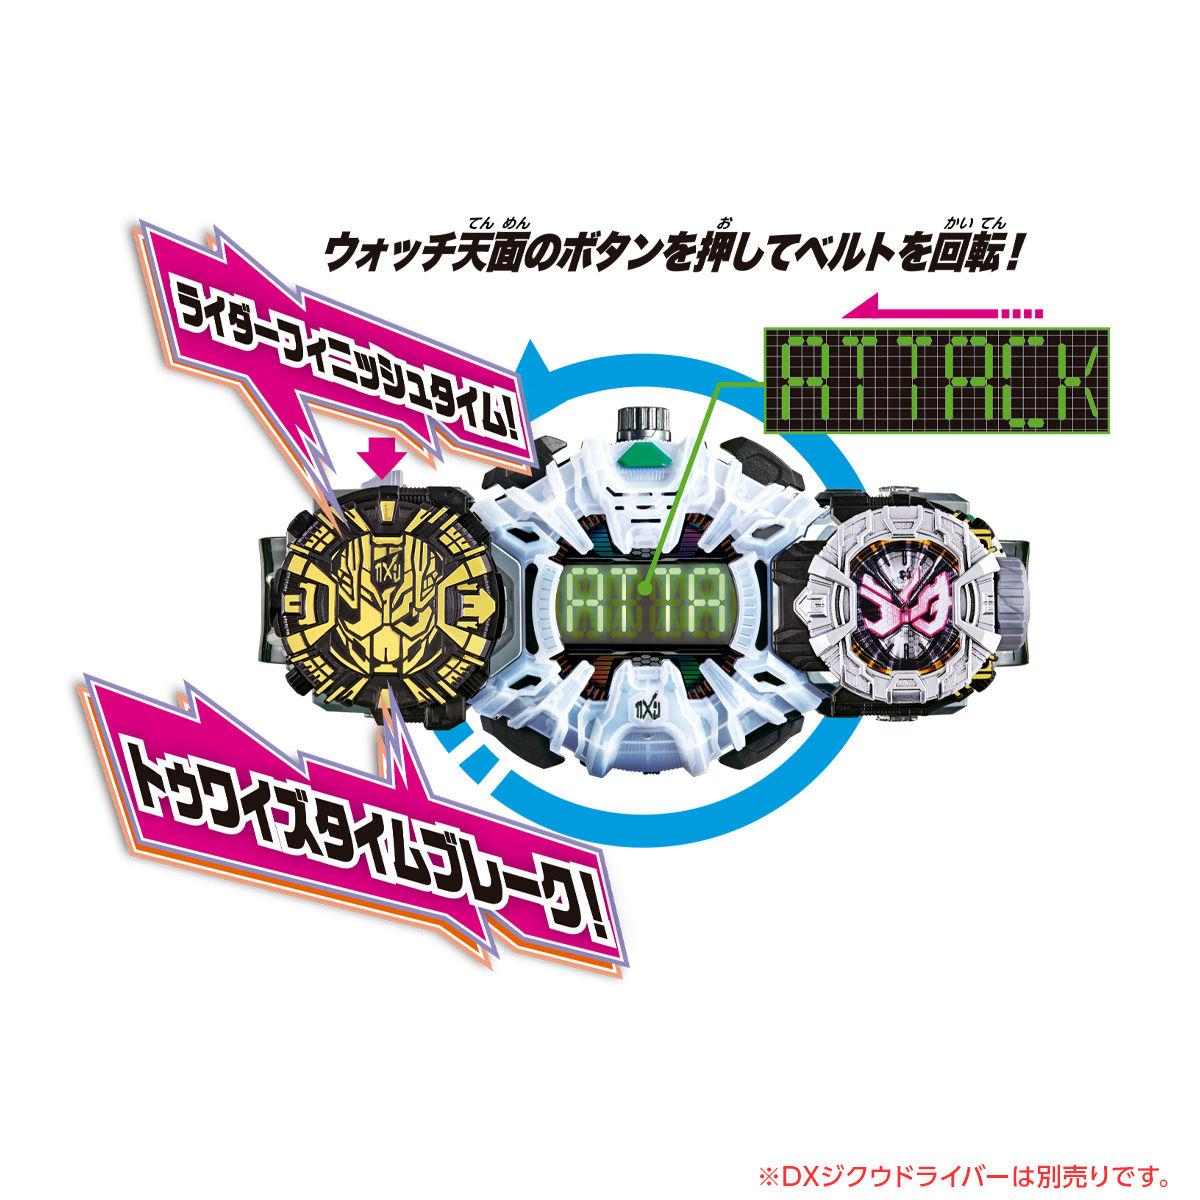 ライドウォッチ『DXジオウライドウォッチII』仮面ライダージオウ 変身なりきり-006